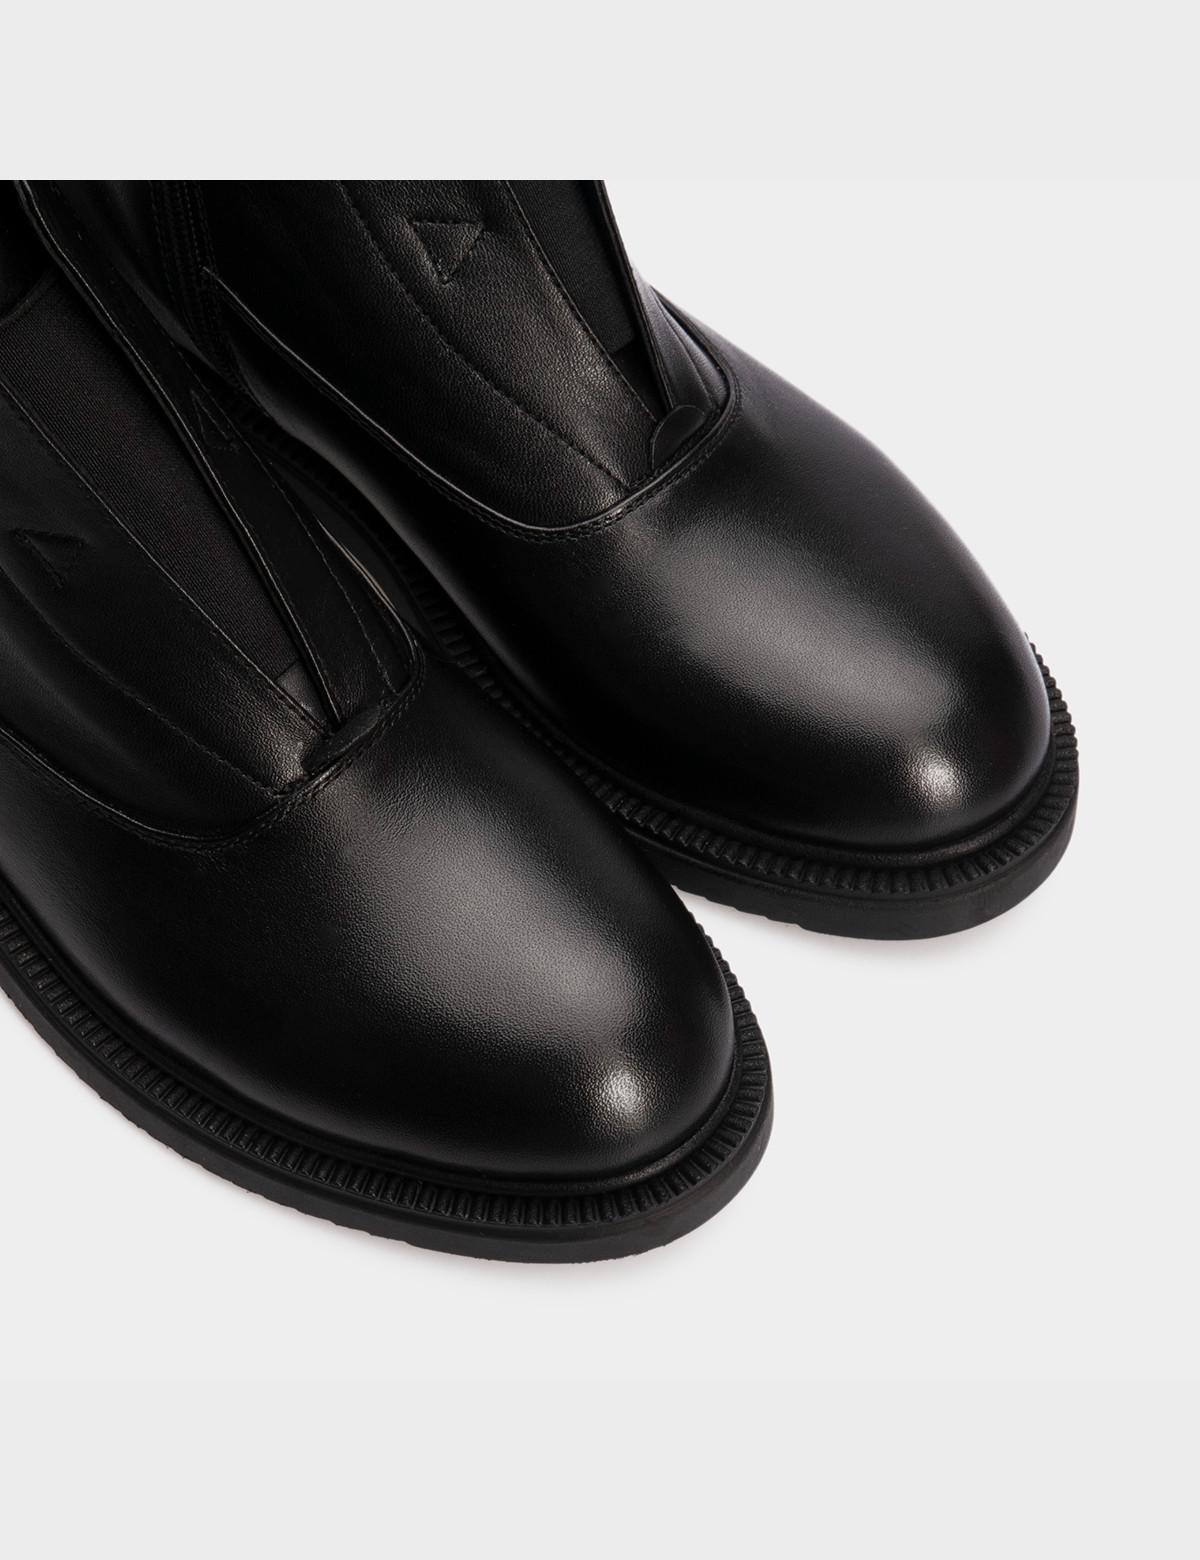 Ботинки черные, натуральная кожа. Байка 4